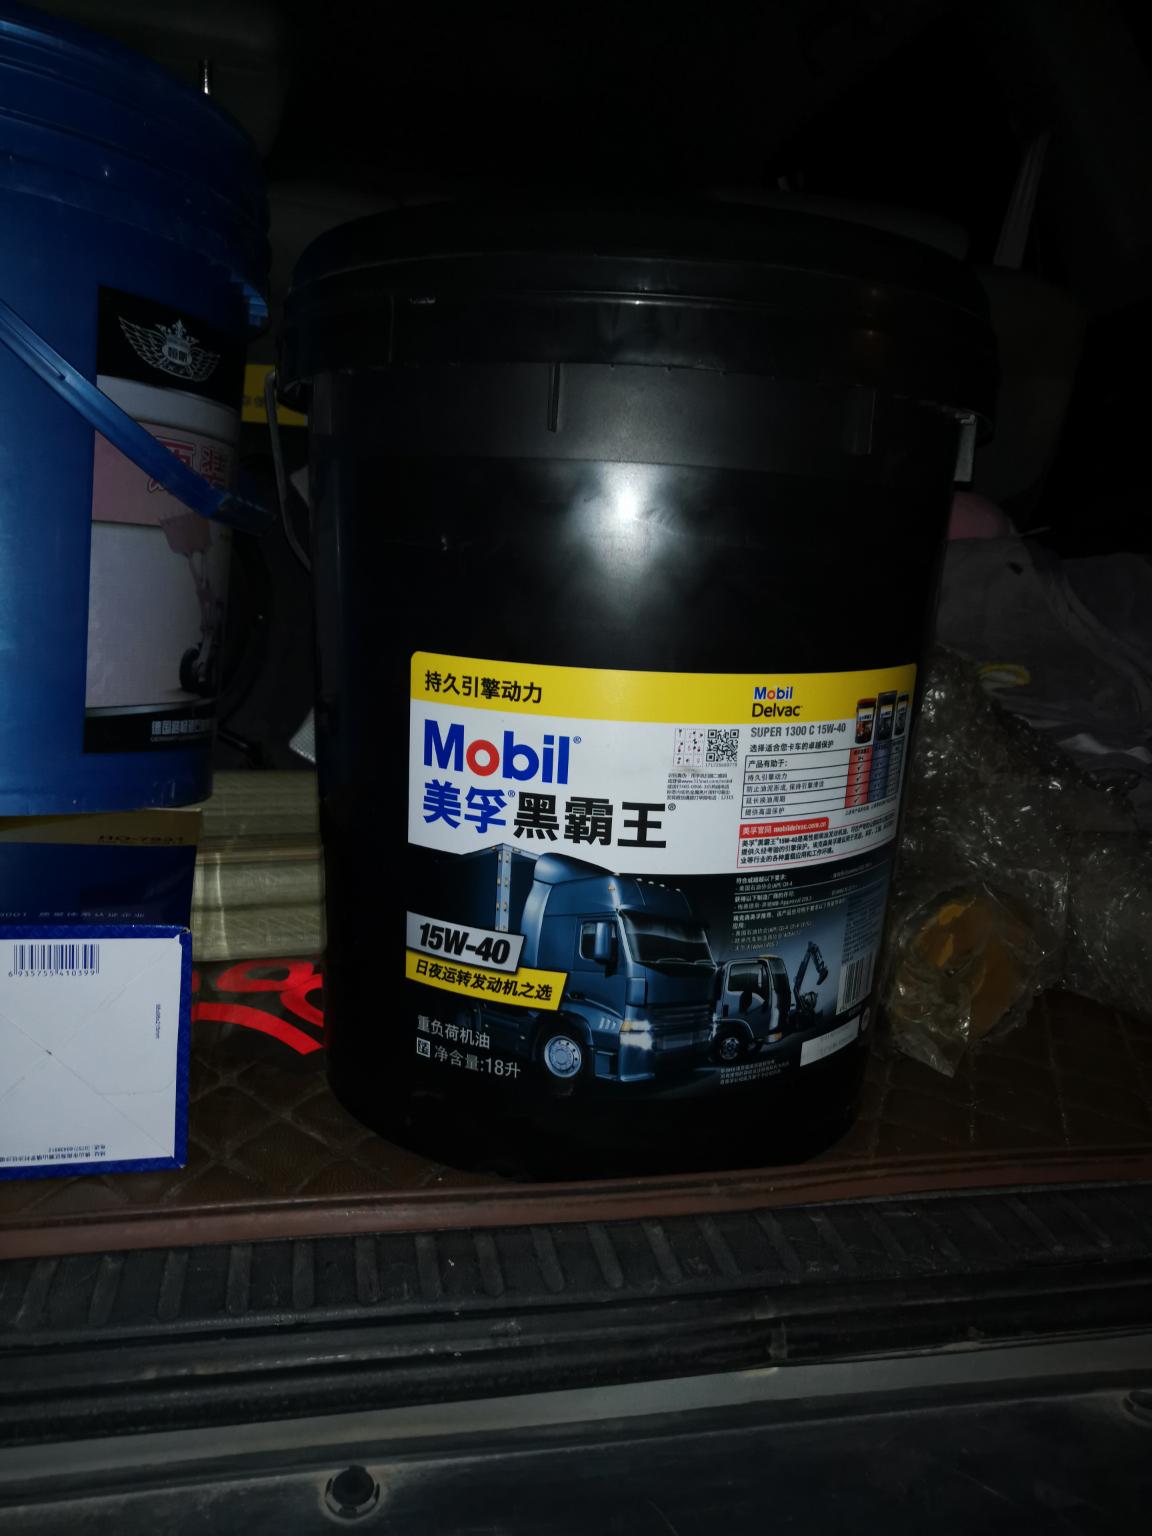 老铁们铲车可以用这个美孚黑霸王15w-40机油吗